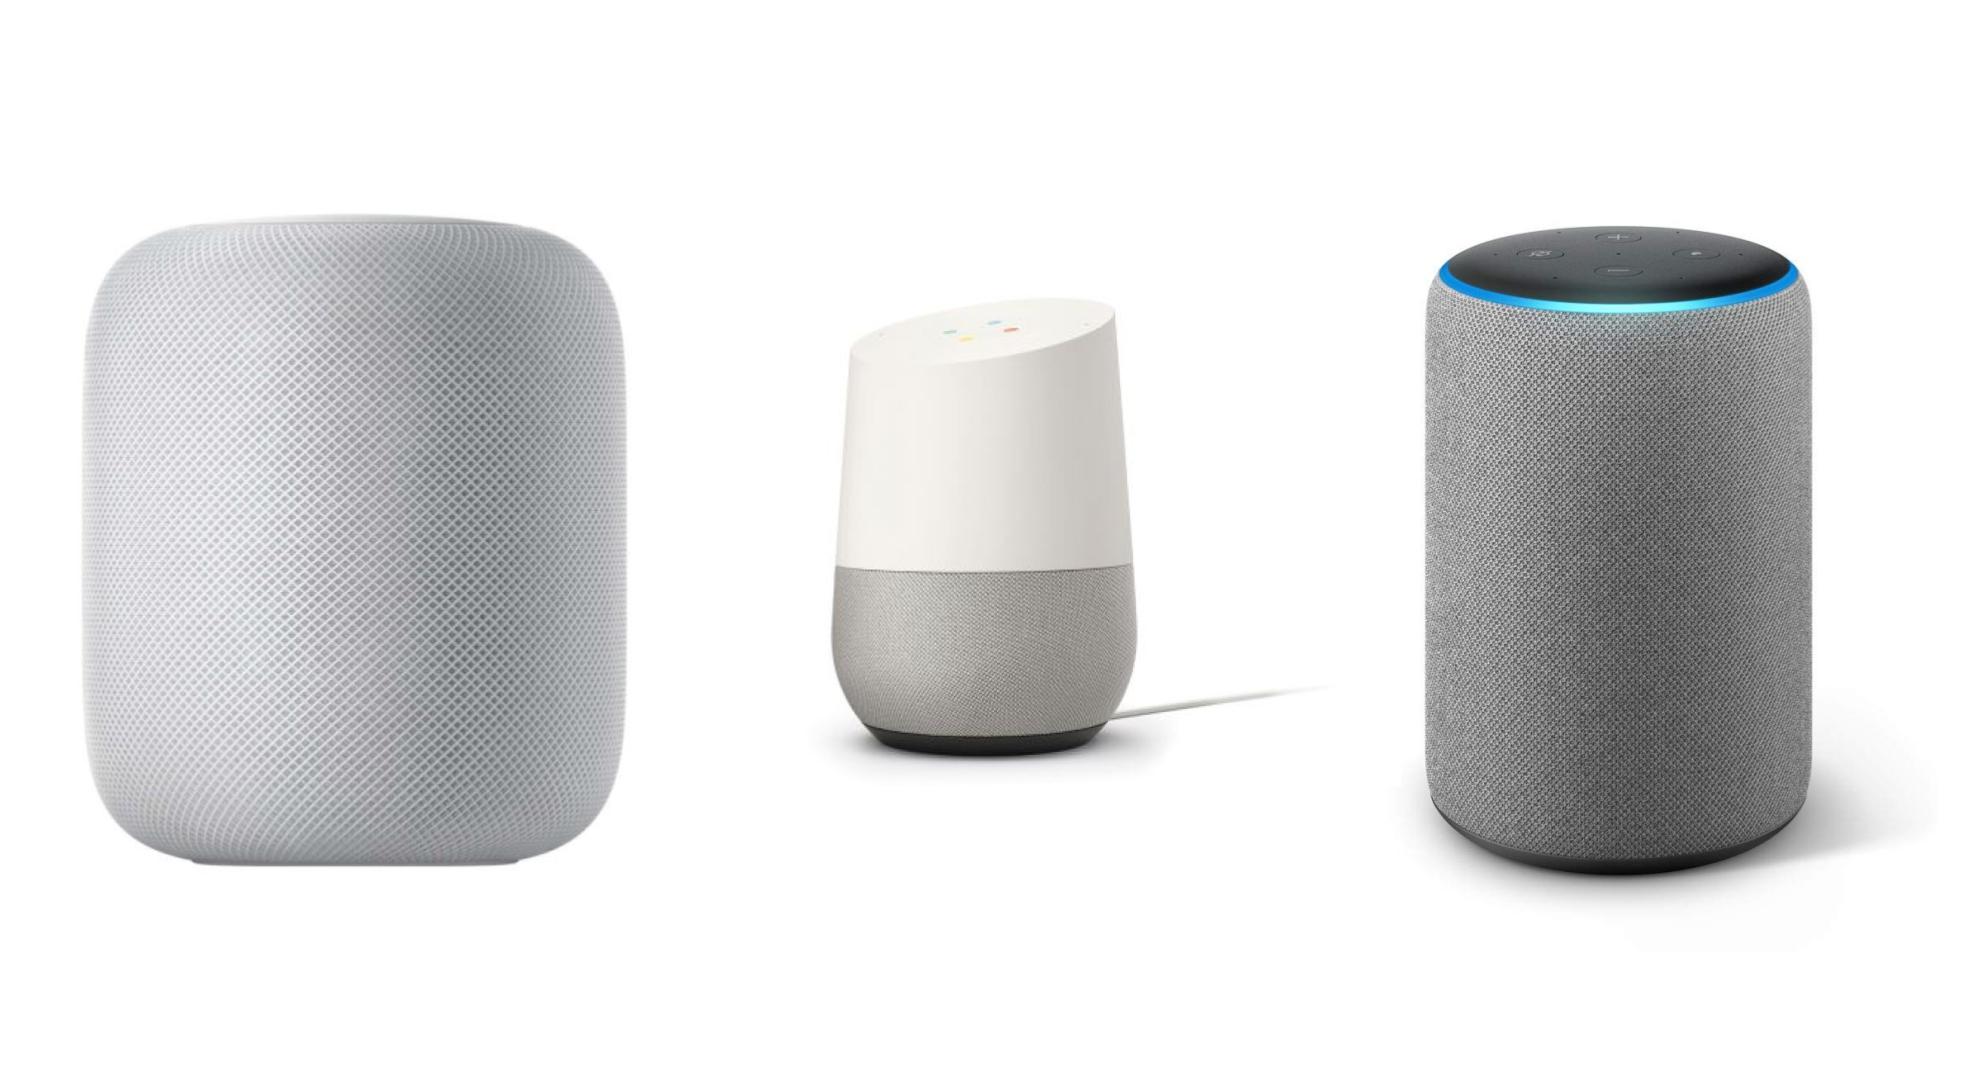 Quels sont les meilleurs appareils connectés compatibles avec Google Assistant, Alexa ou Siri ?